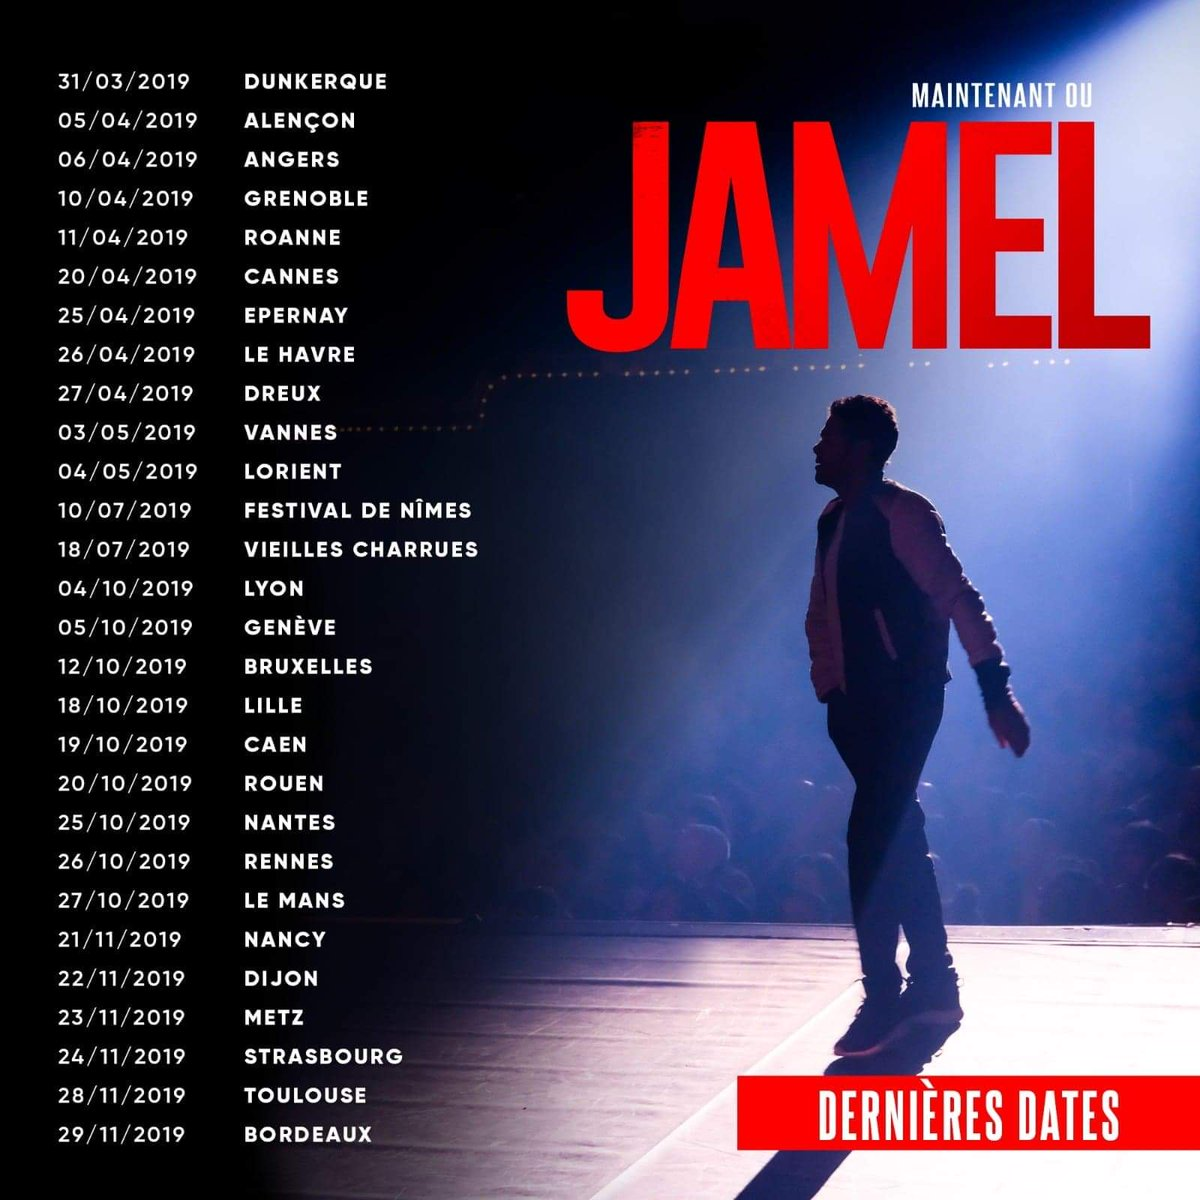 Dernières dates françaises de cette tournée de fou 🔥 #MaintenantOuJamel